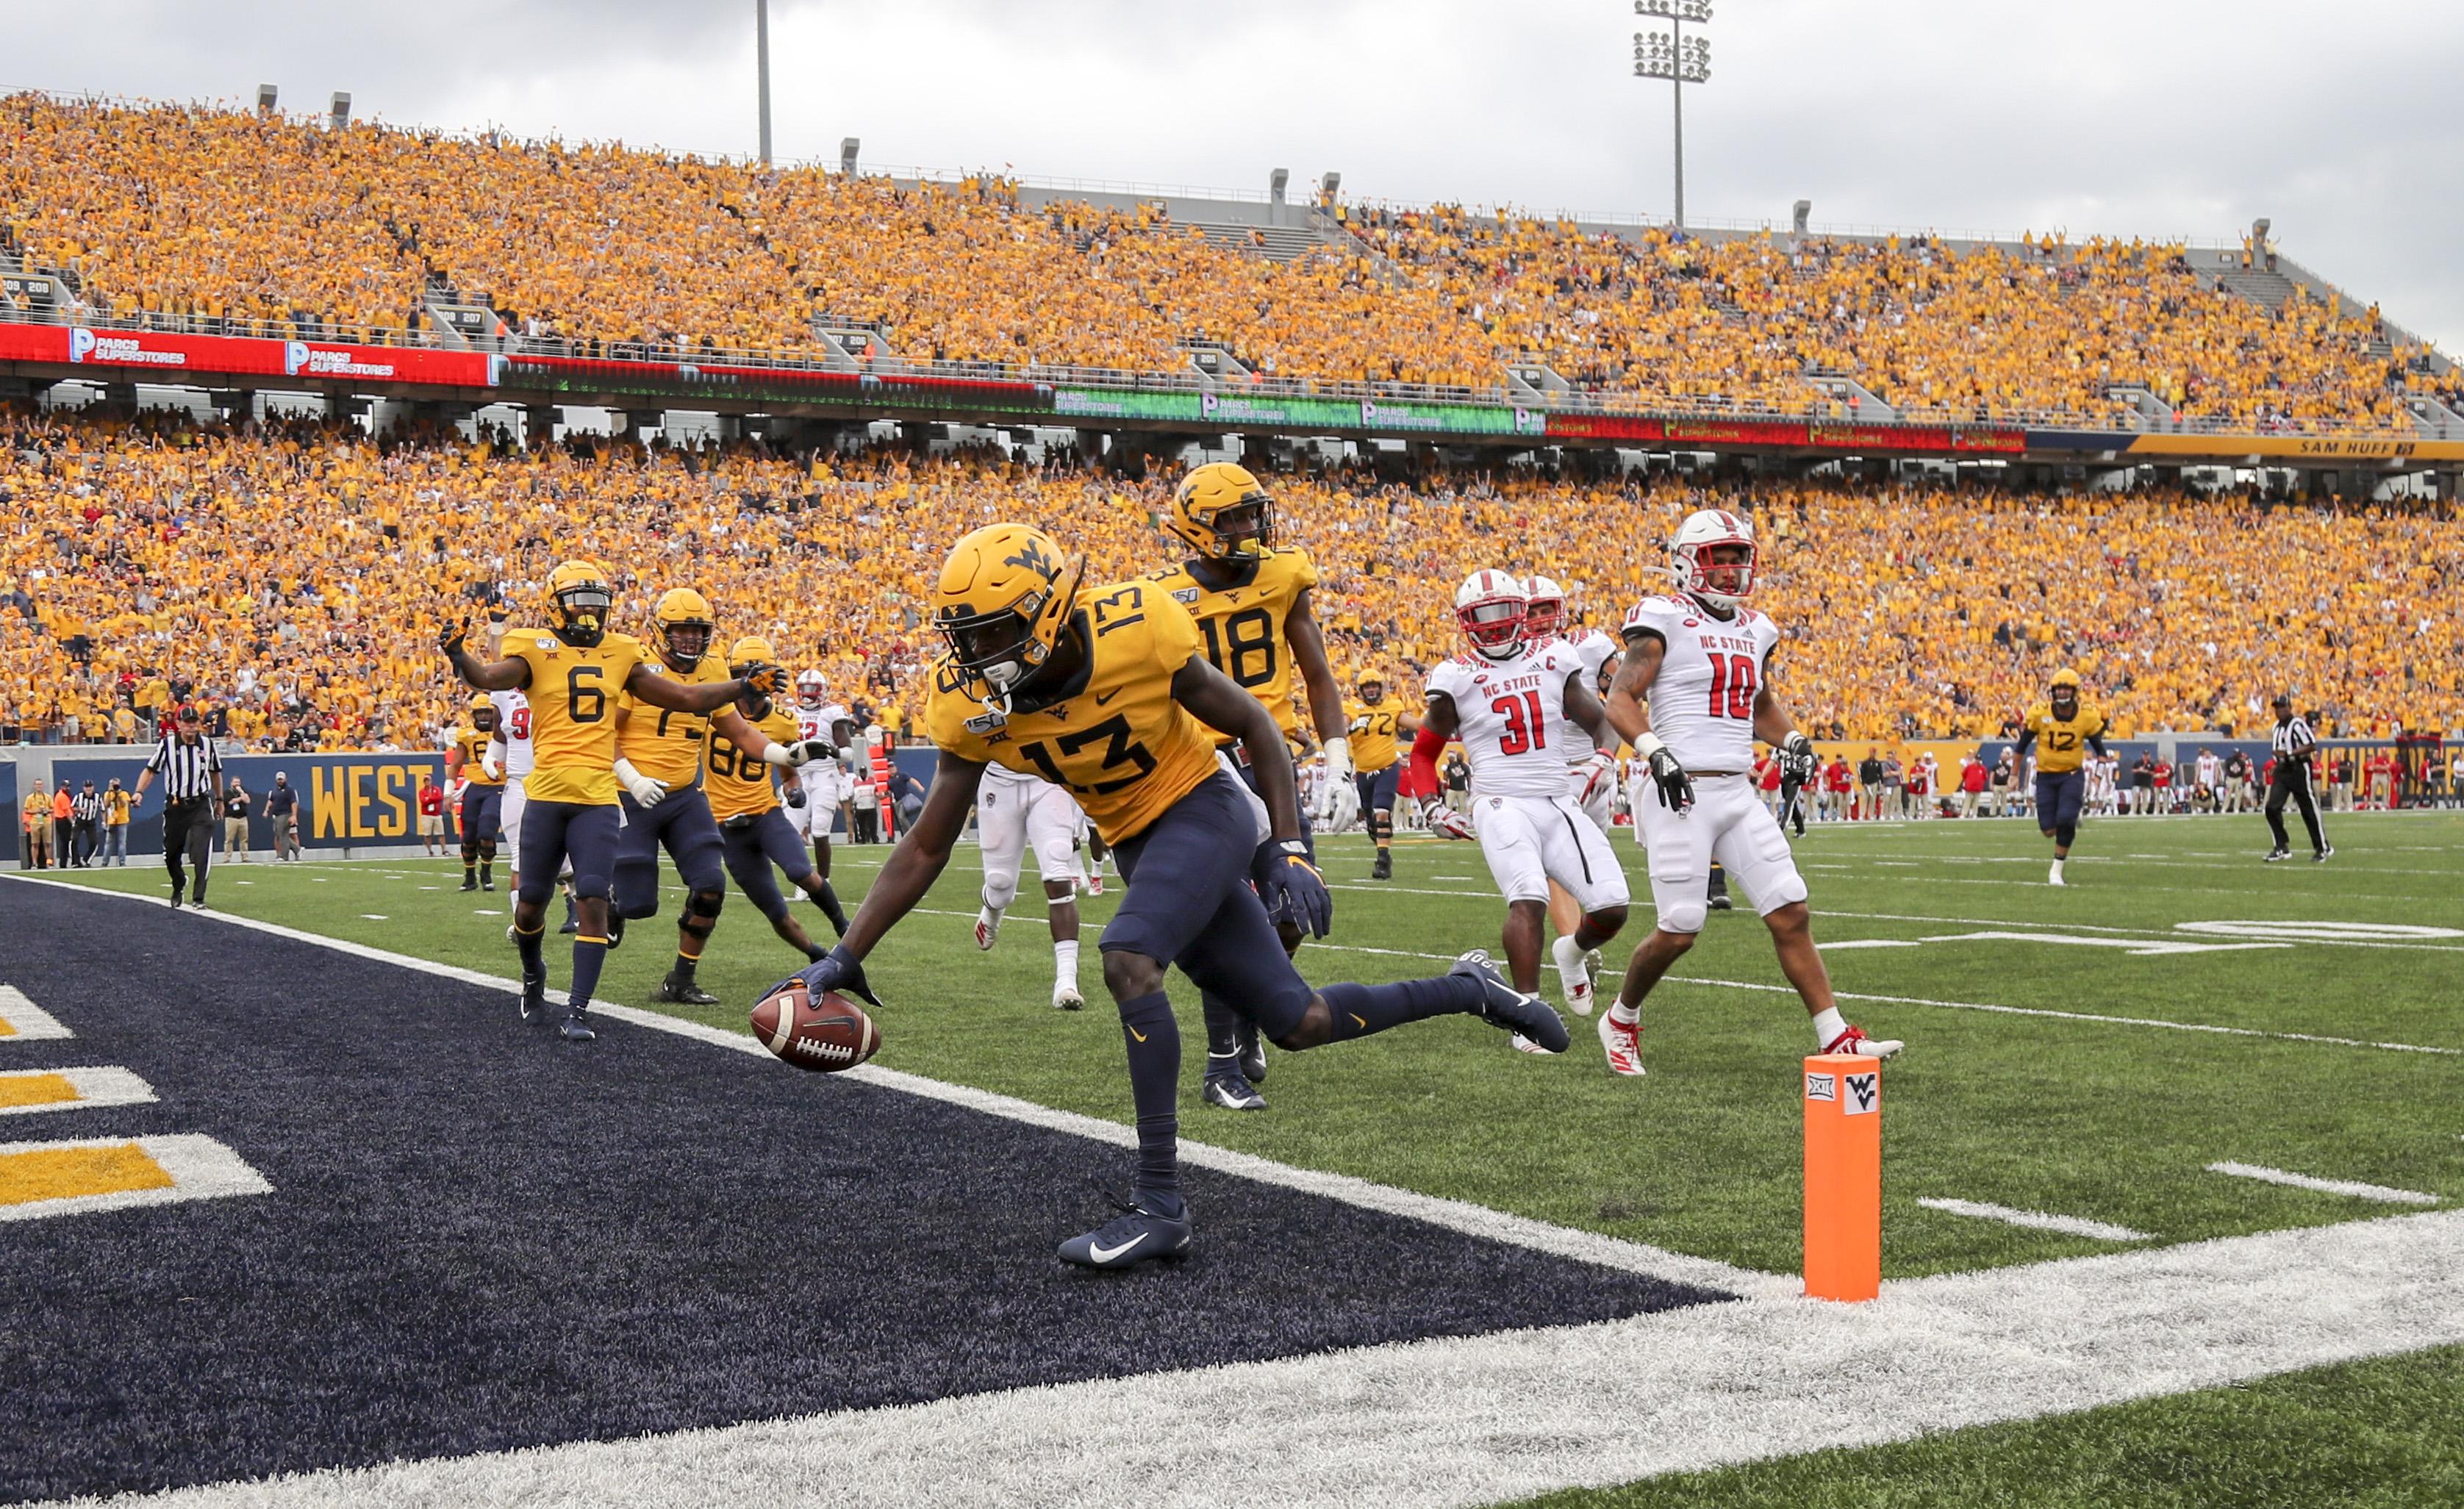 NCAA Football: North Carolina State at West Virginia